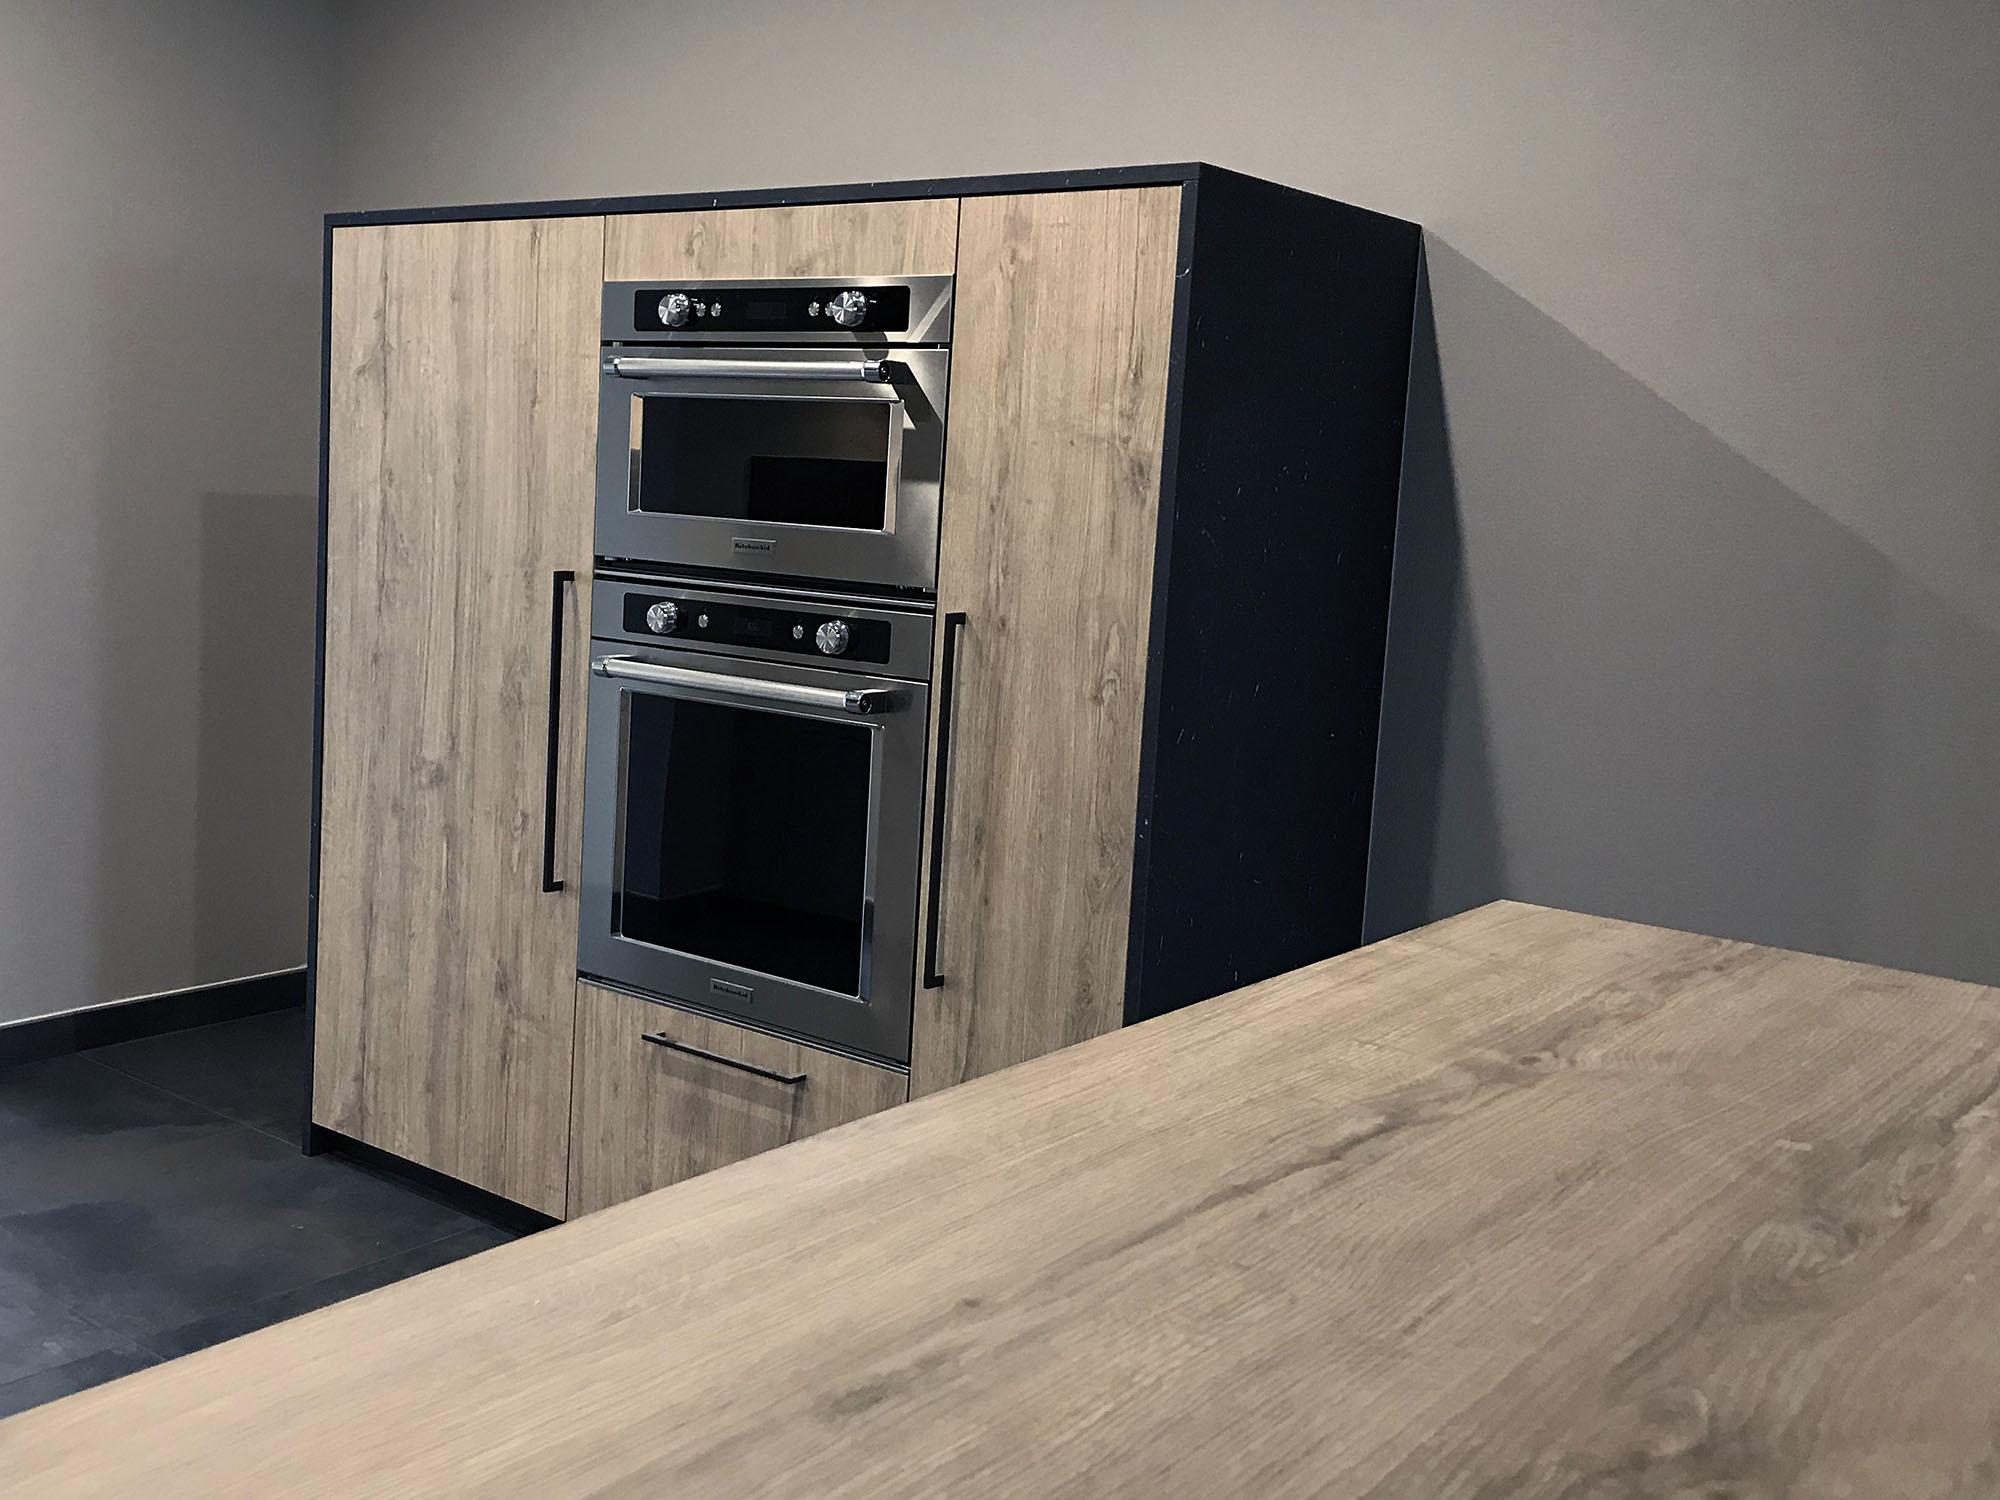 deux fours kitchenaid l'un au dessus de l'autre dans un meuble indépendant bois vieilli entouré de stratifié noir